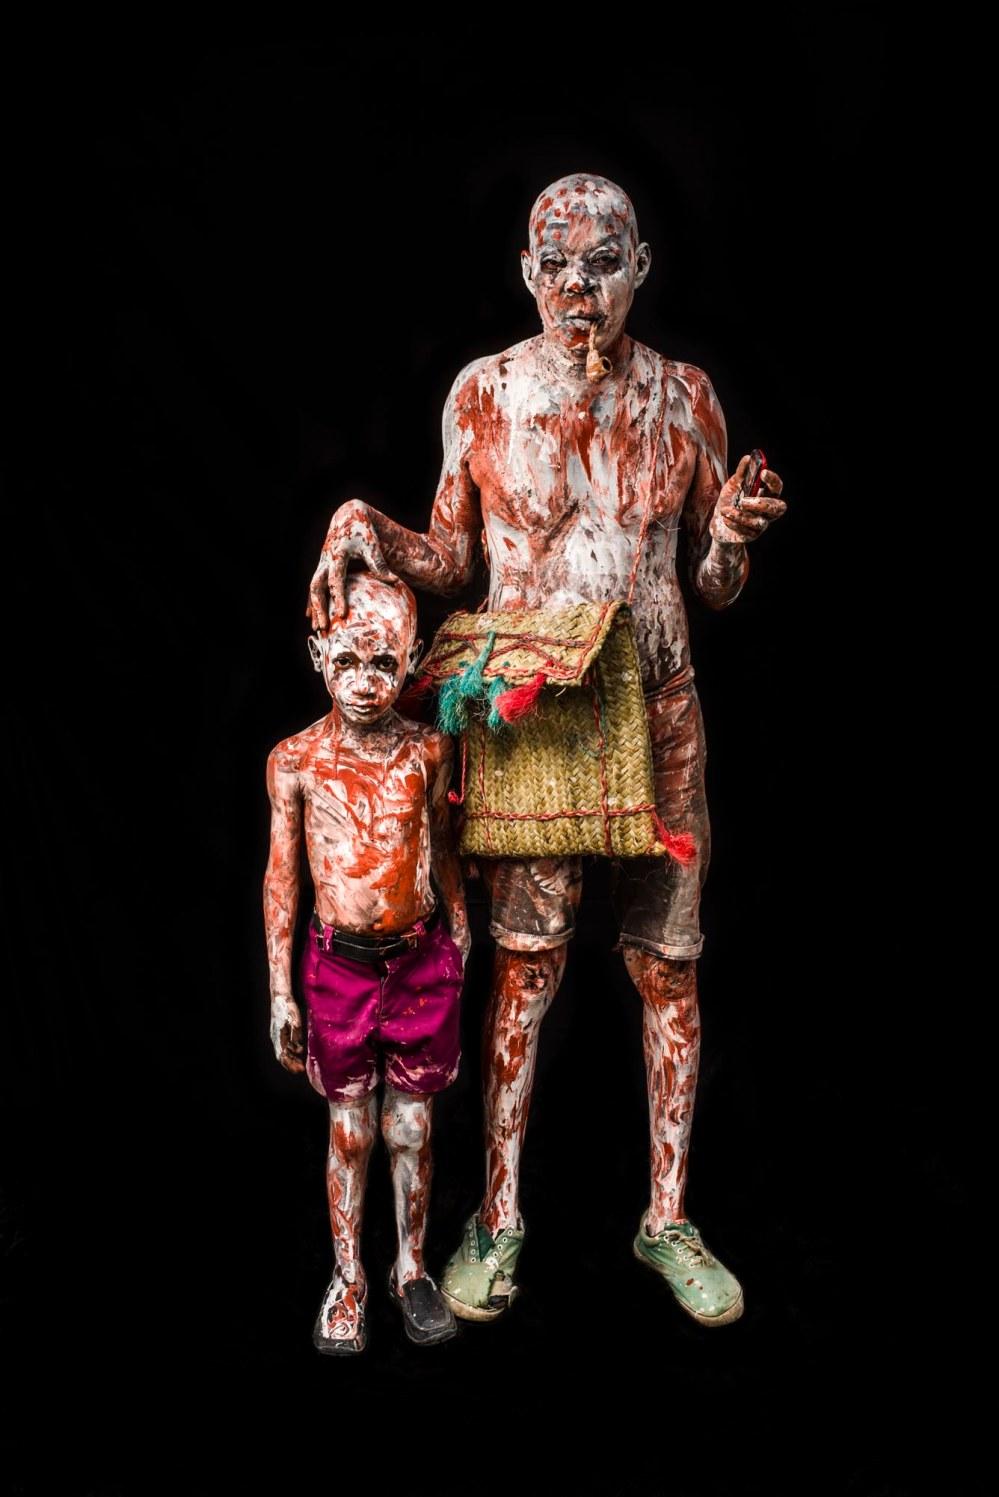 PORTRAITS DE COSTUMES LORS DU CARNAVALE DE JACMEL, HAITI 2016.